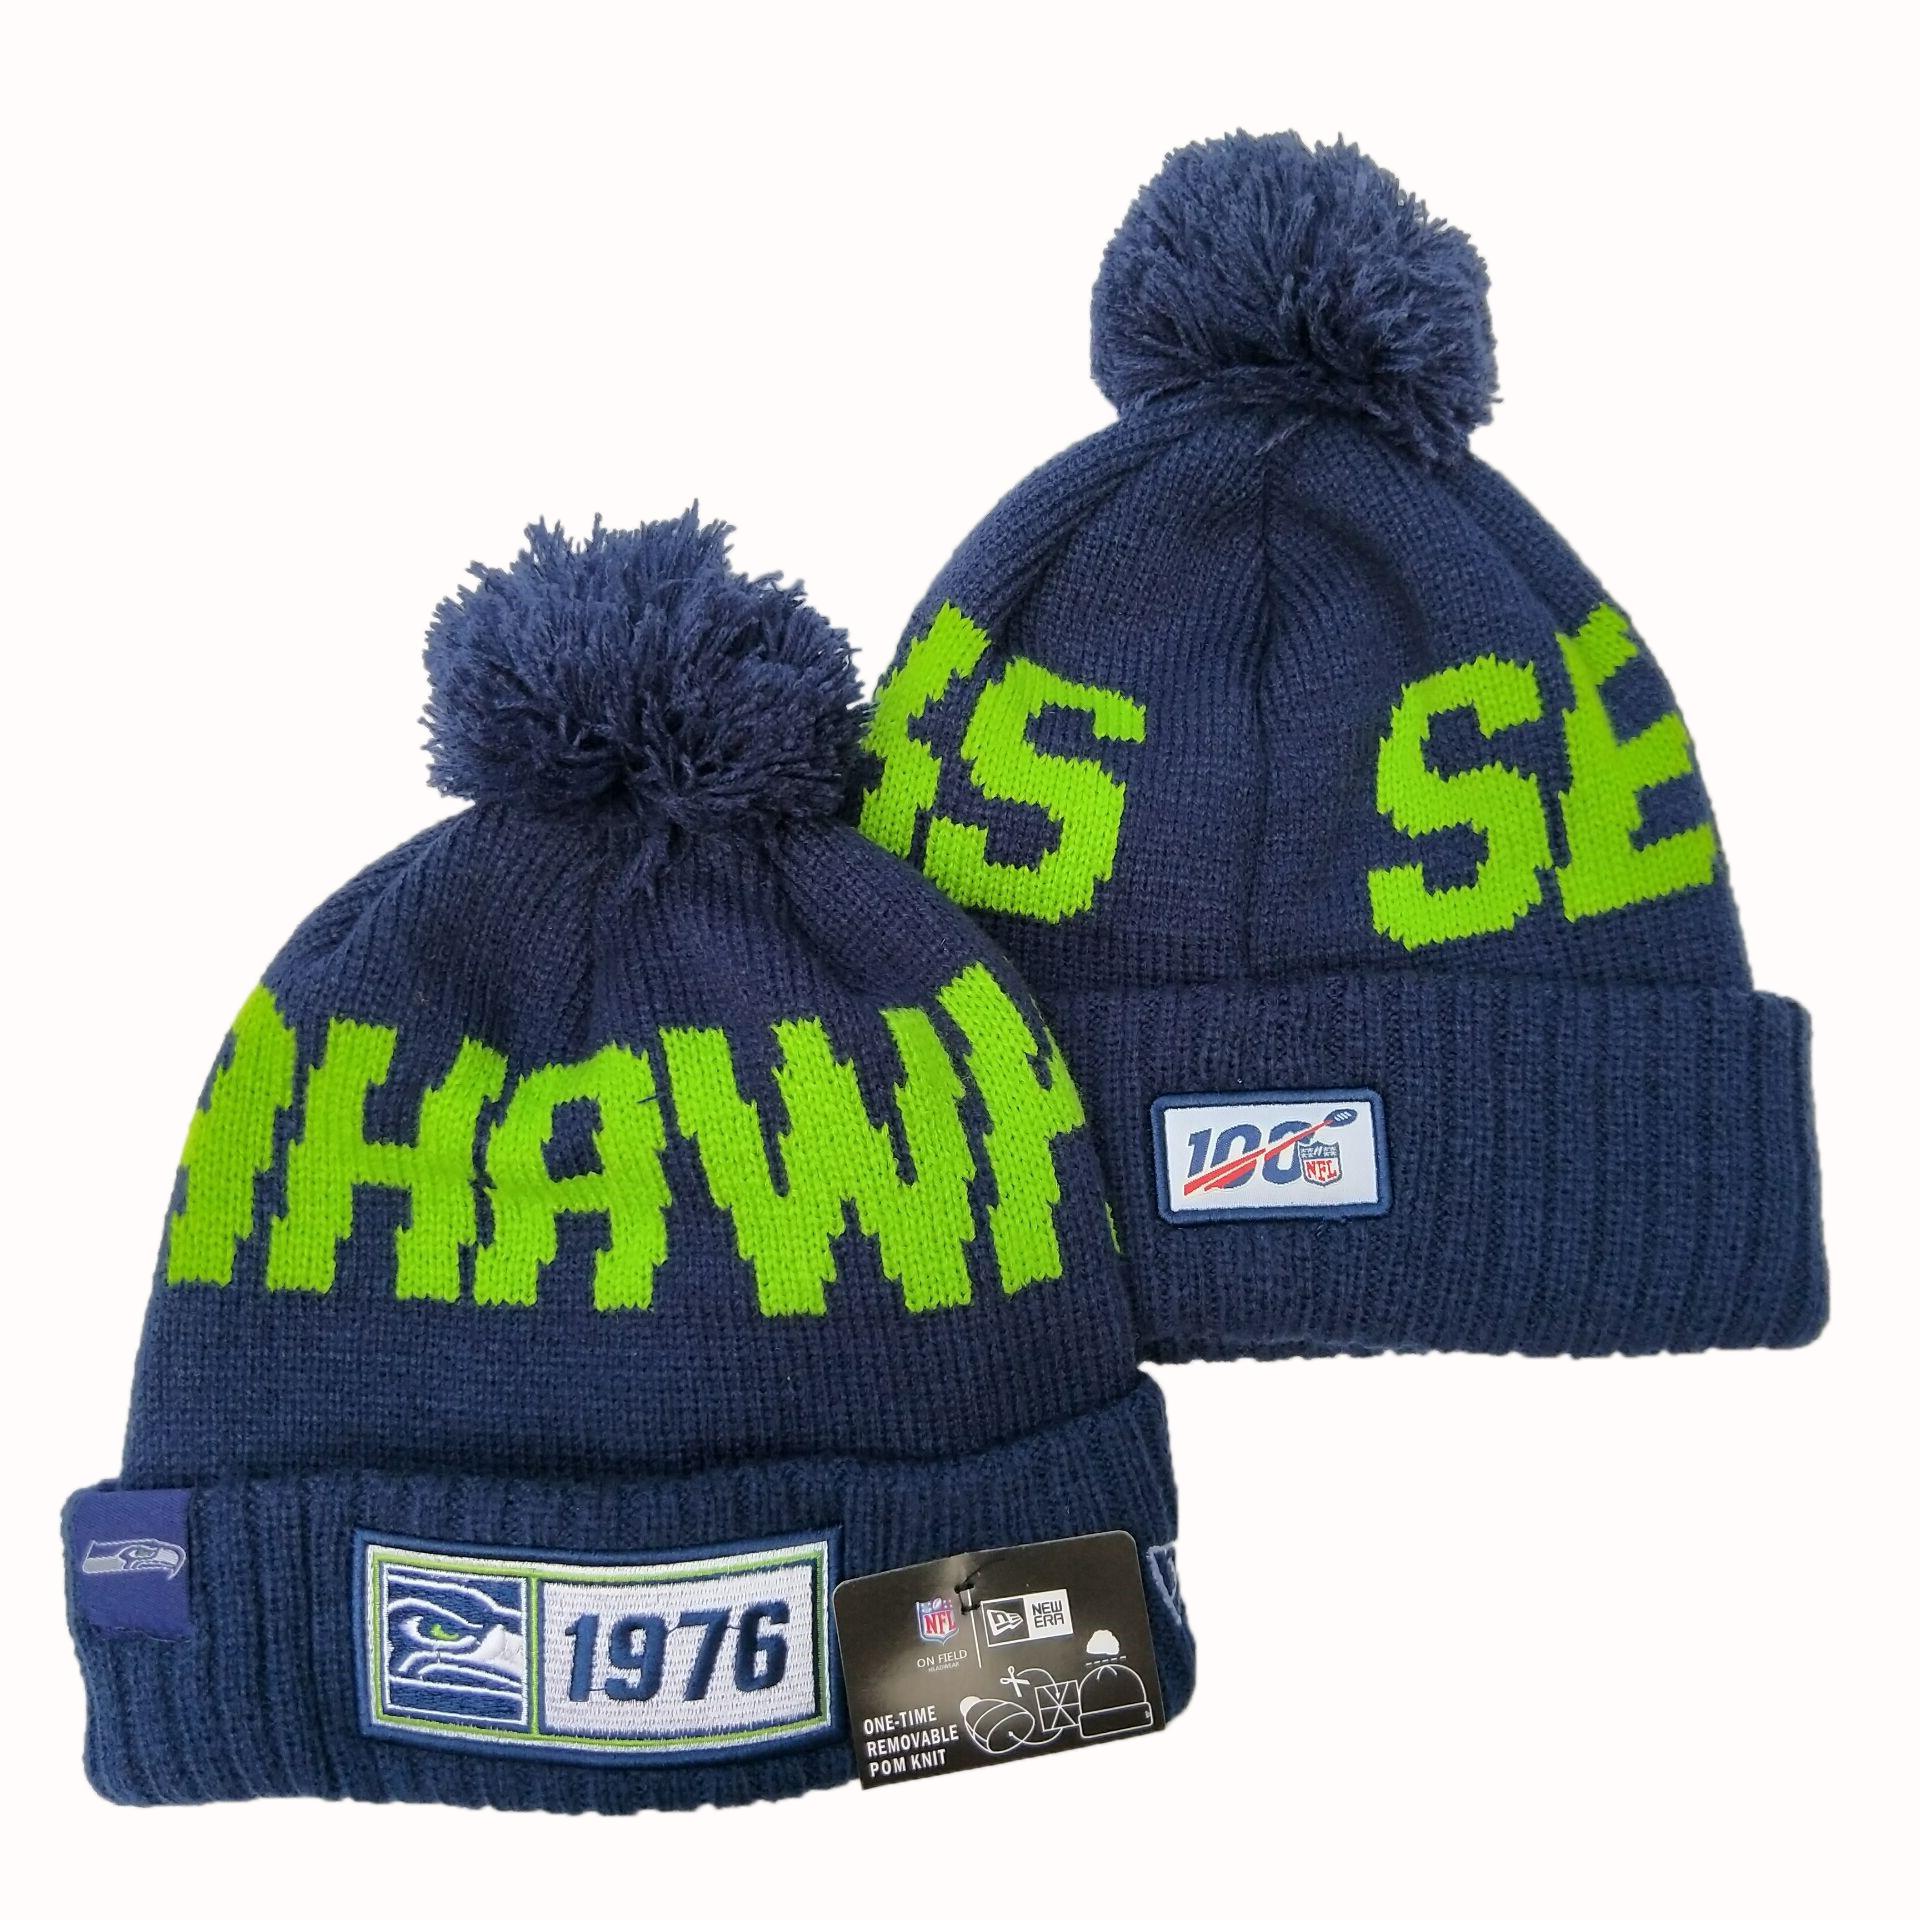 Seahawks Team Logo Navy 100th Season Pom Knit Hat YD